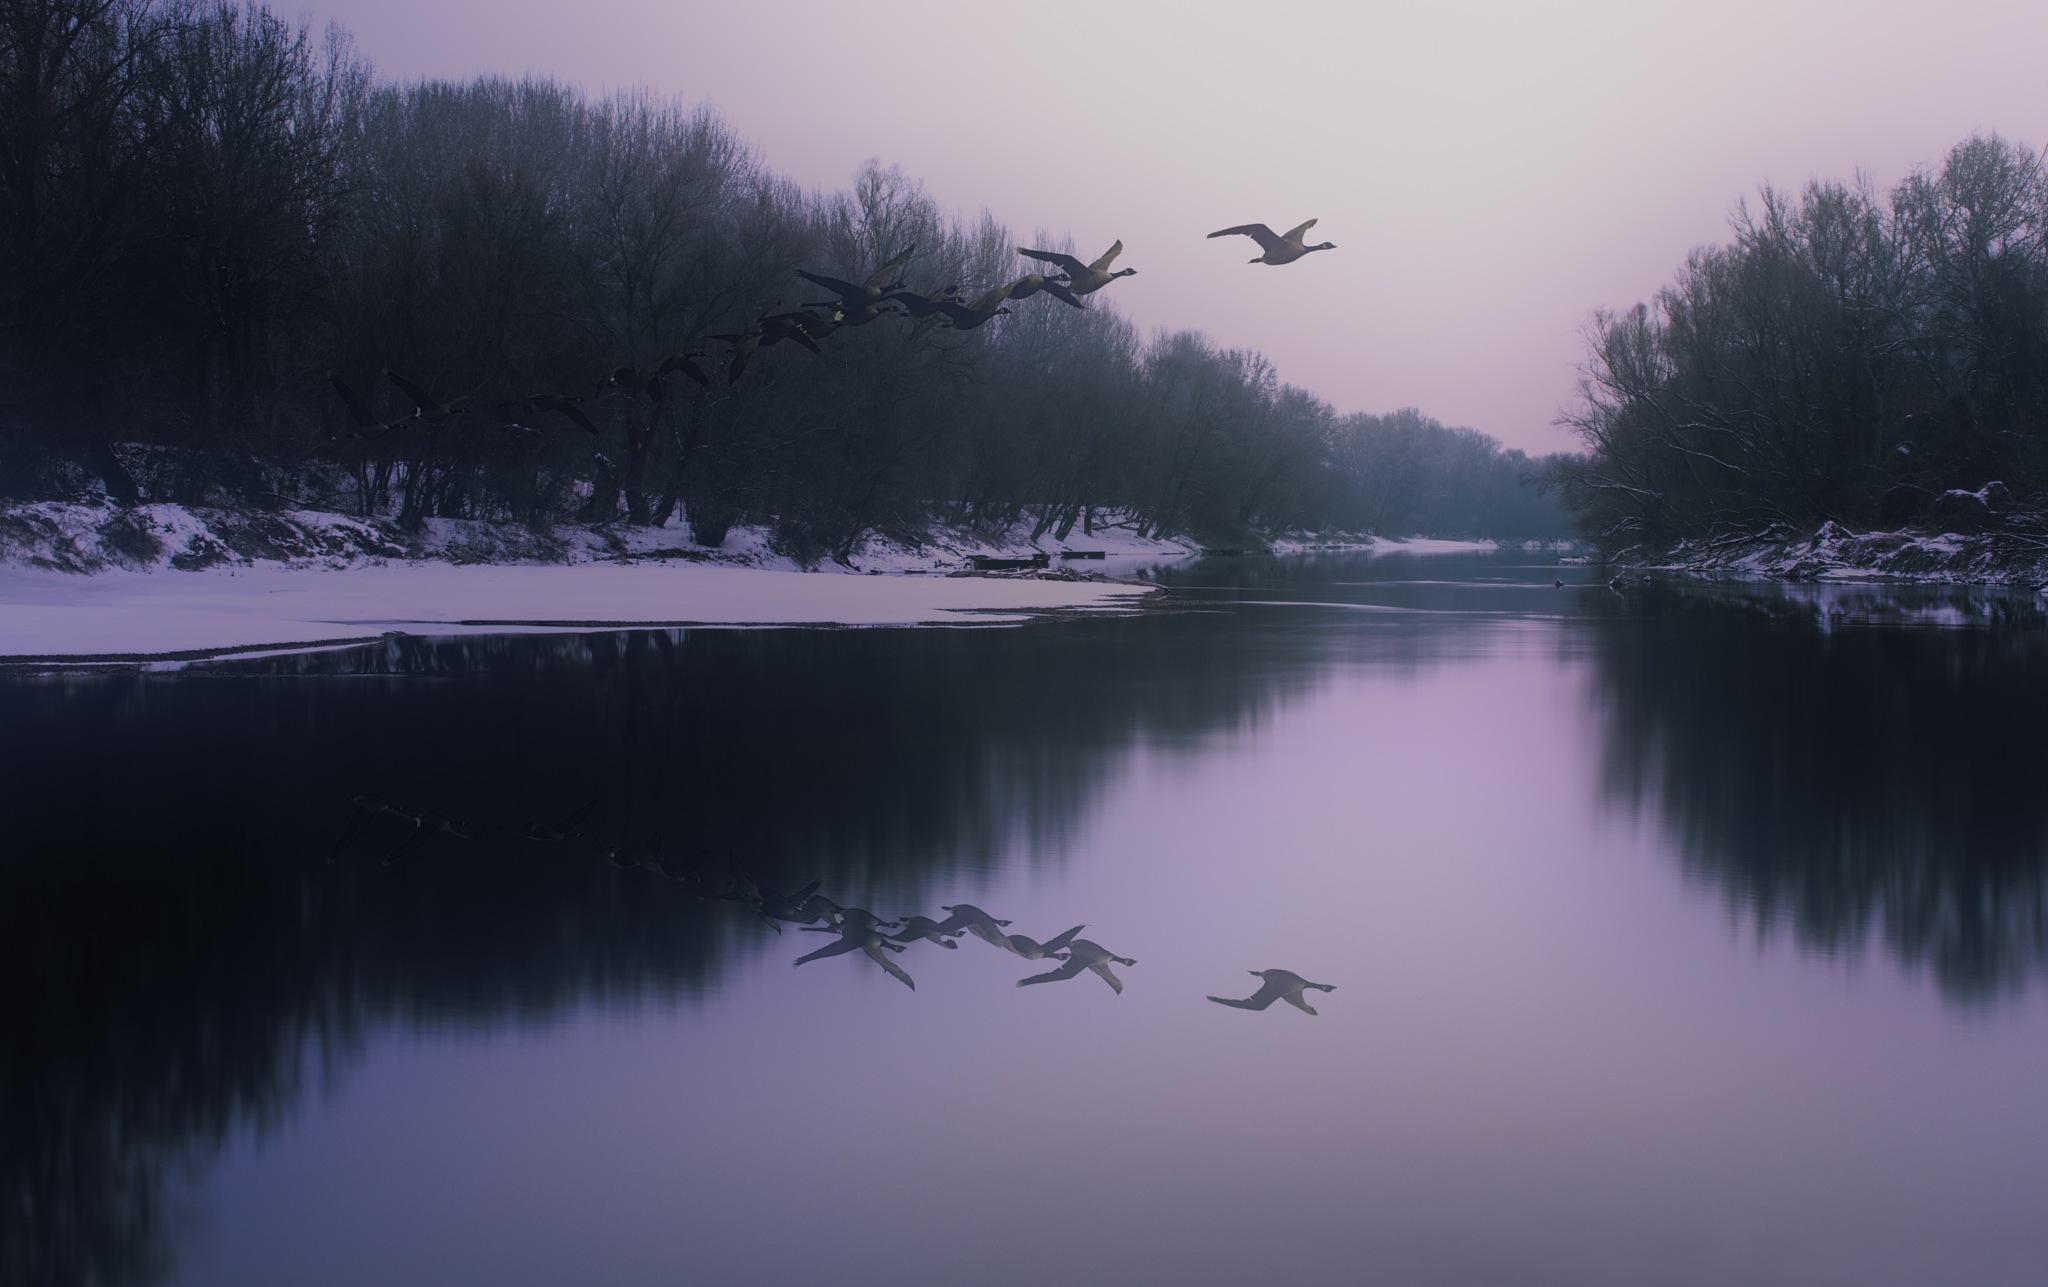 Wild goose run by pibacsi